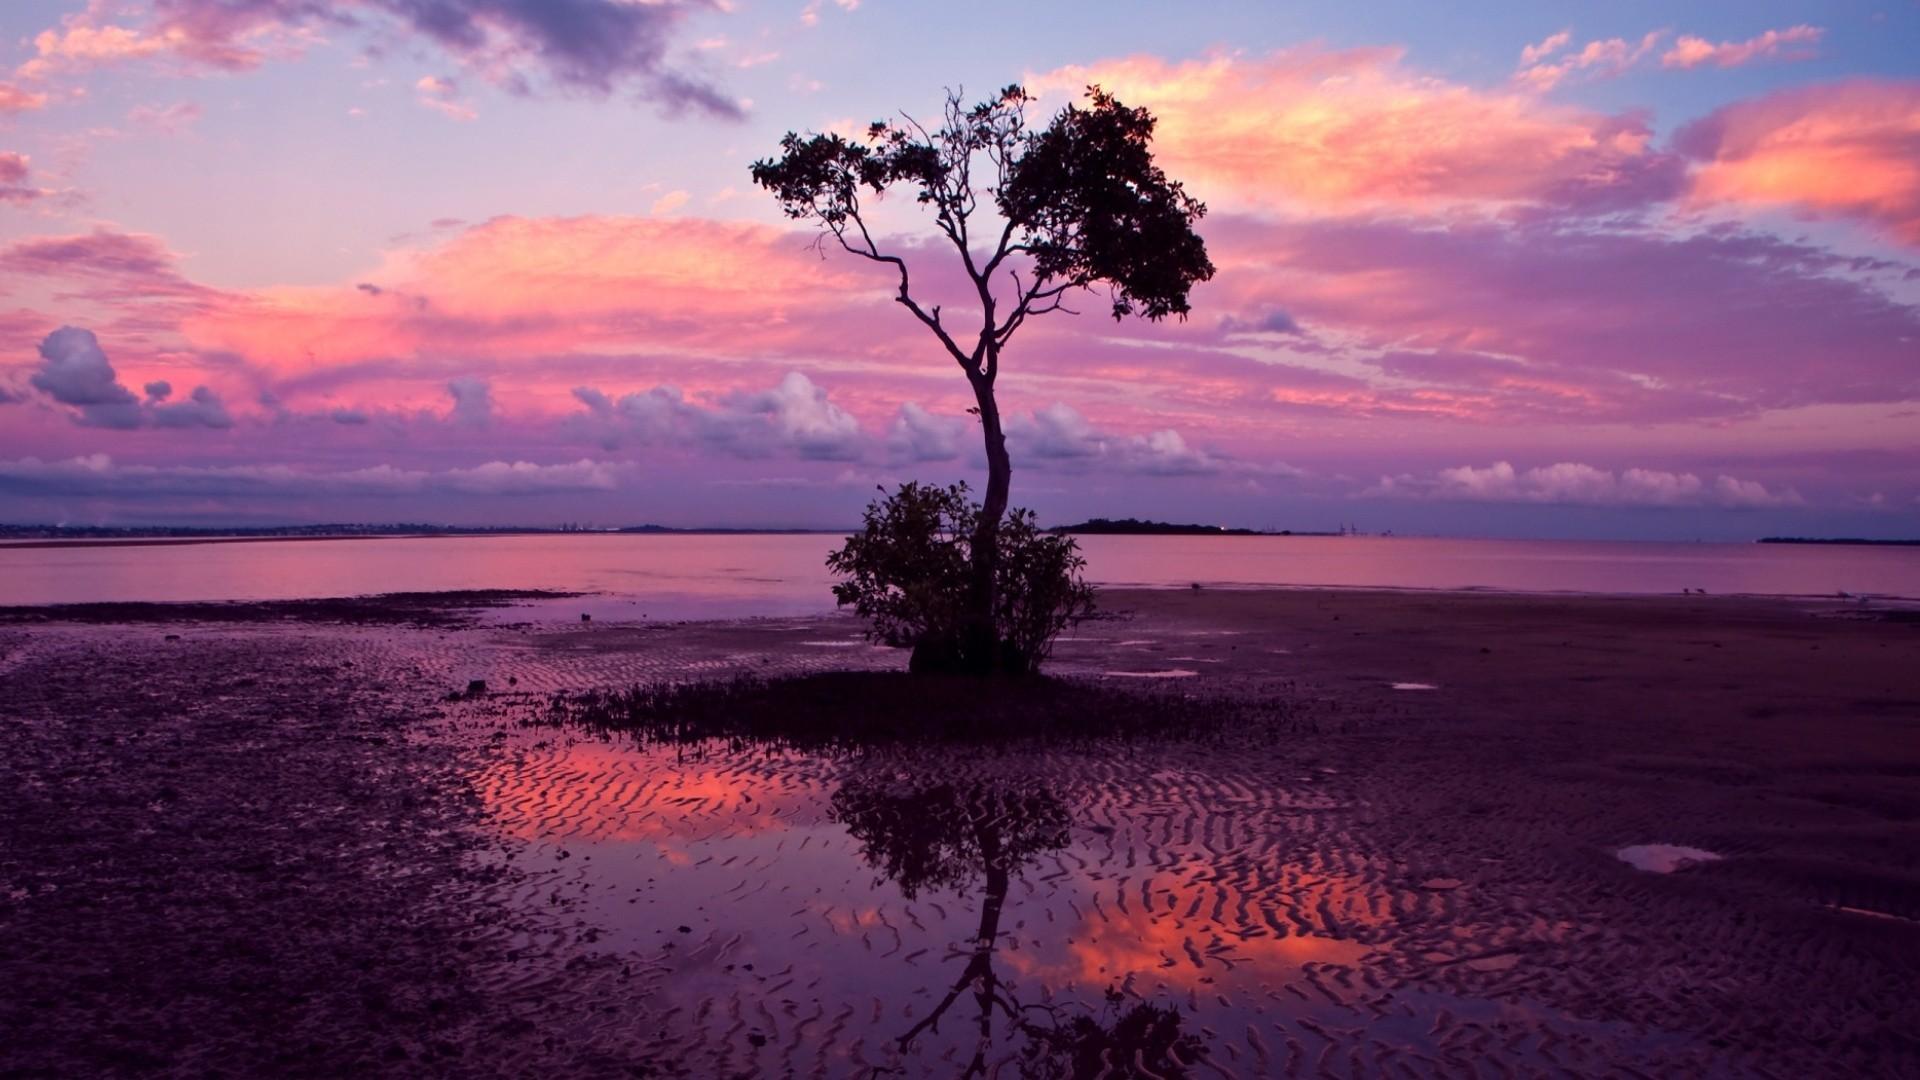 Pink sunset Wallpaper 35588 1920x1080